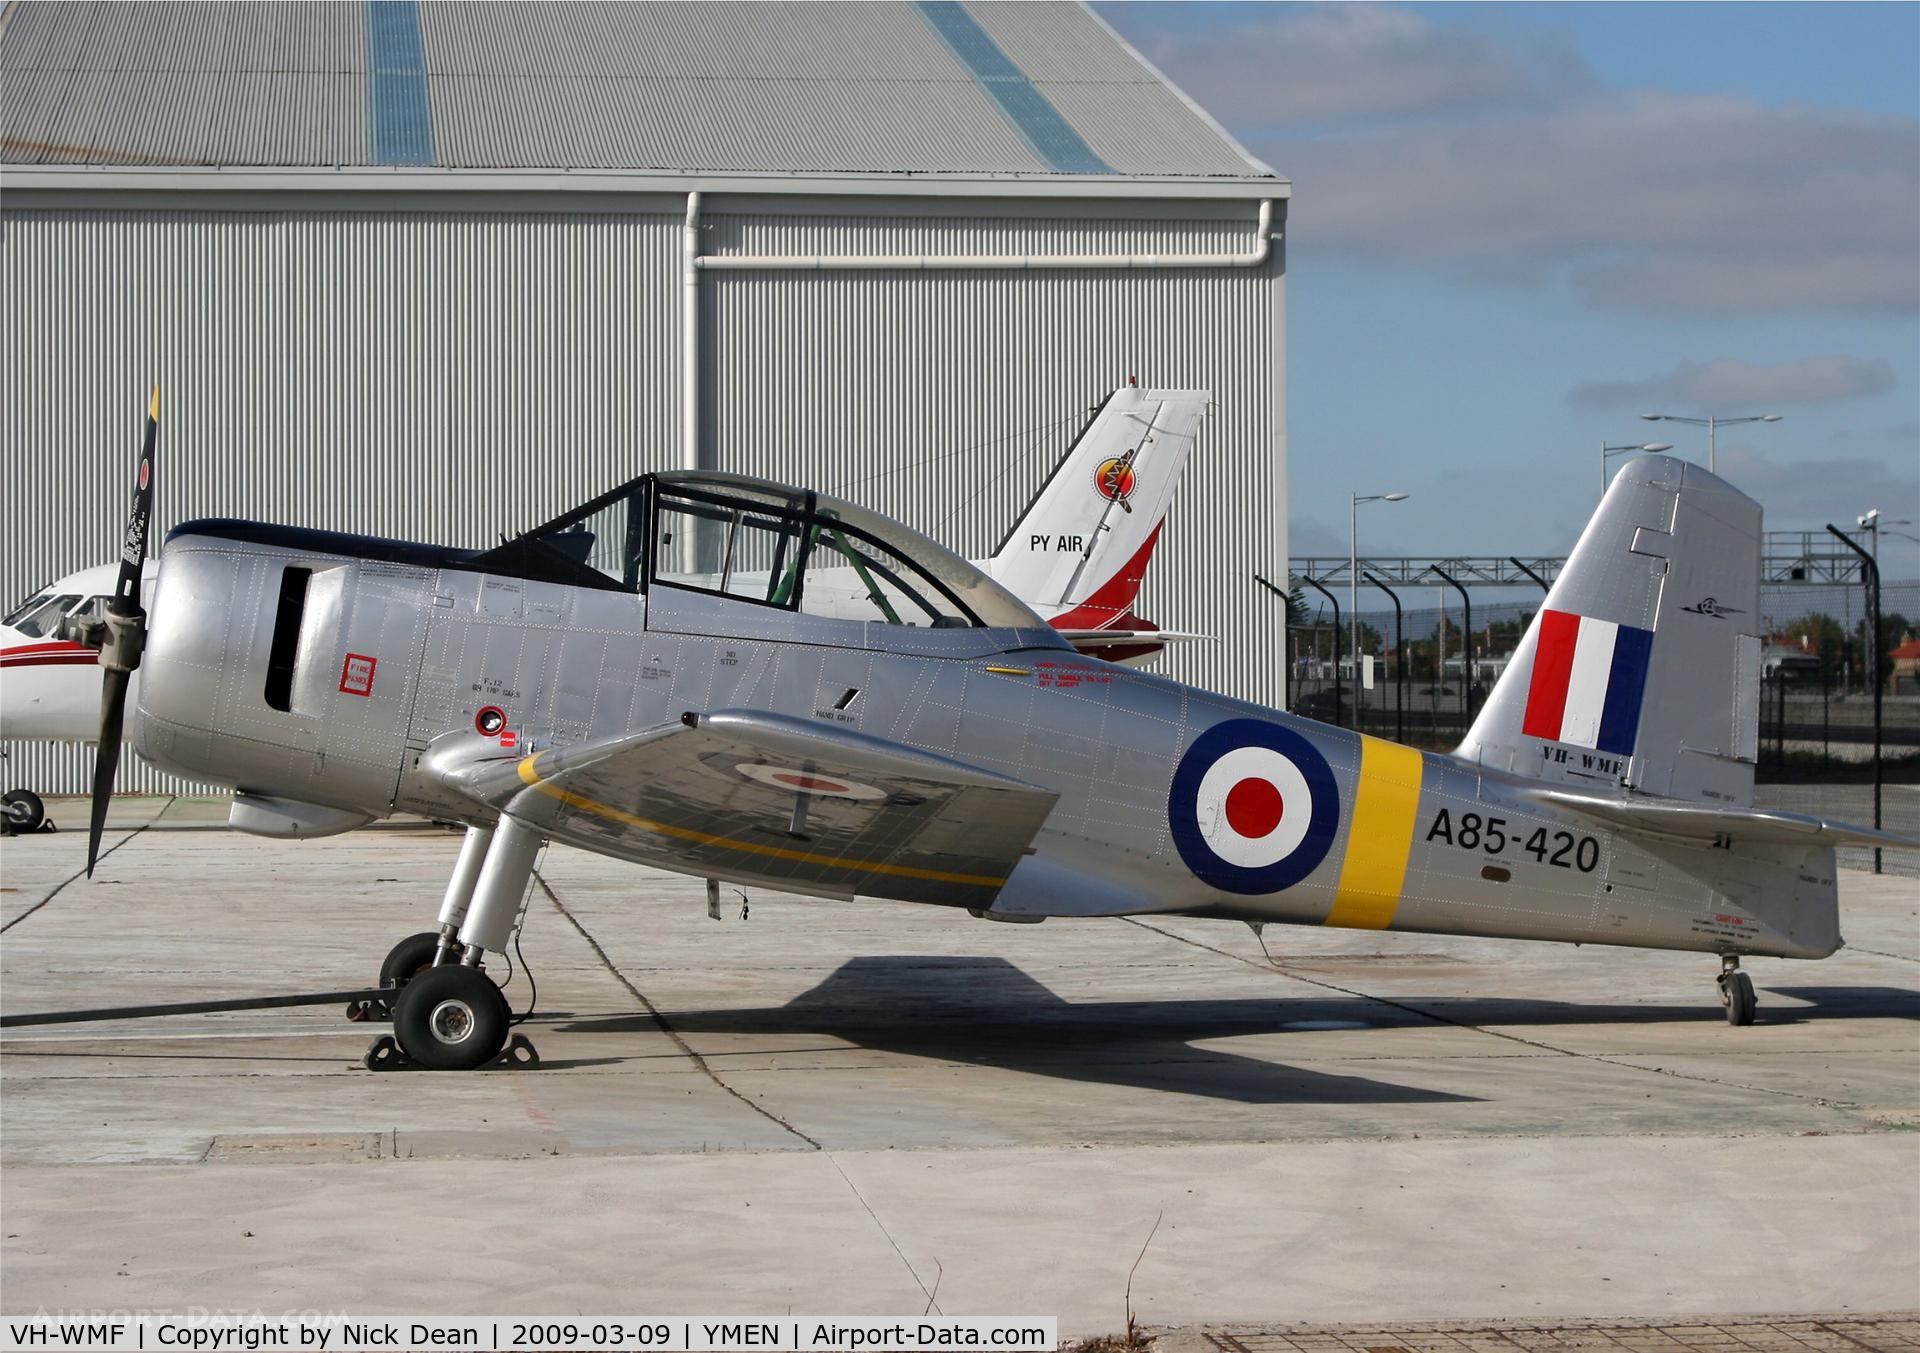 VH-WMF, 1956 Commonwealth CA-25 Winjeel C/N CA25-20, YMEN